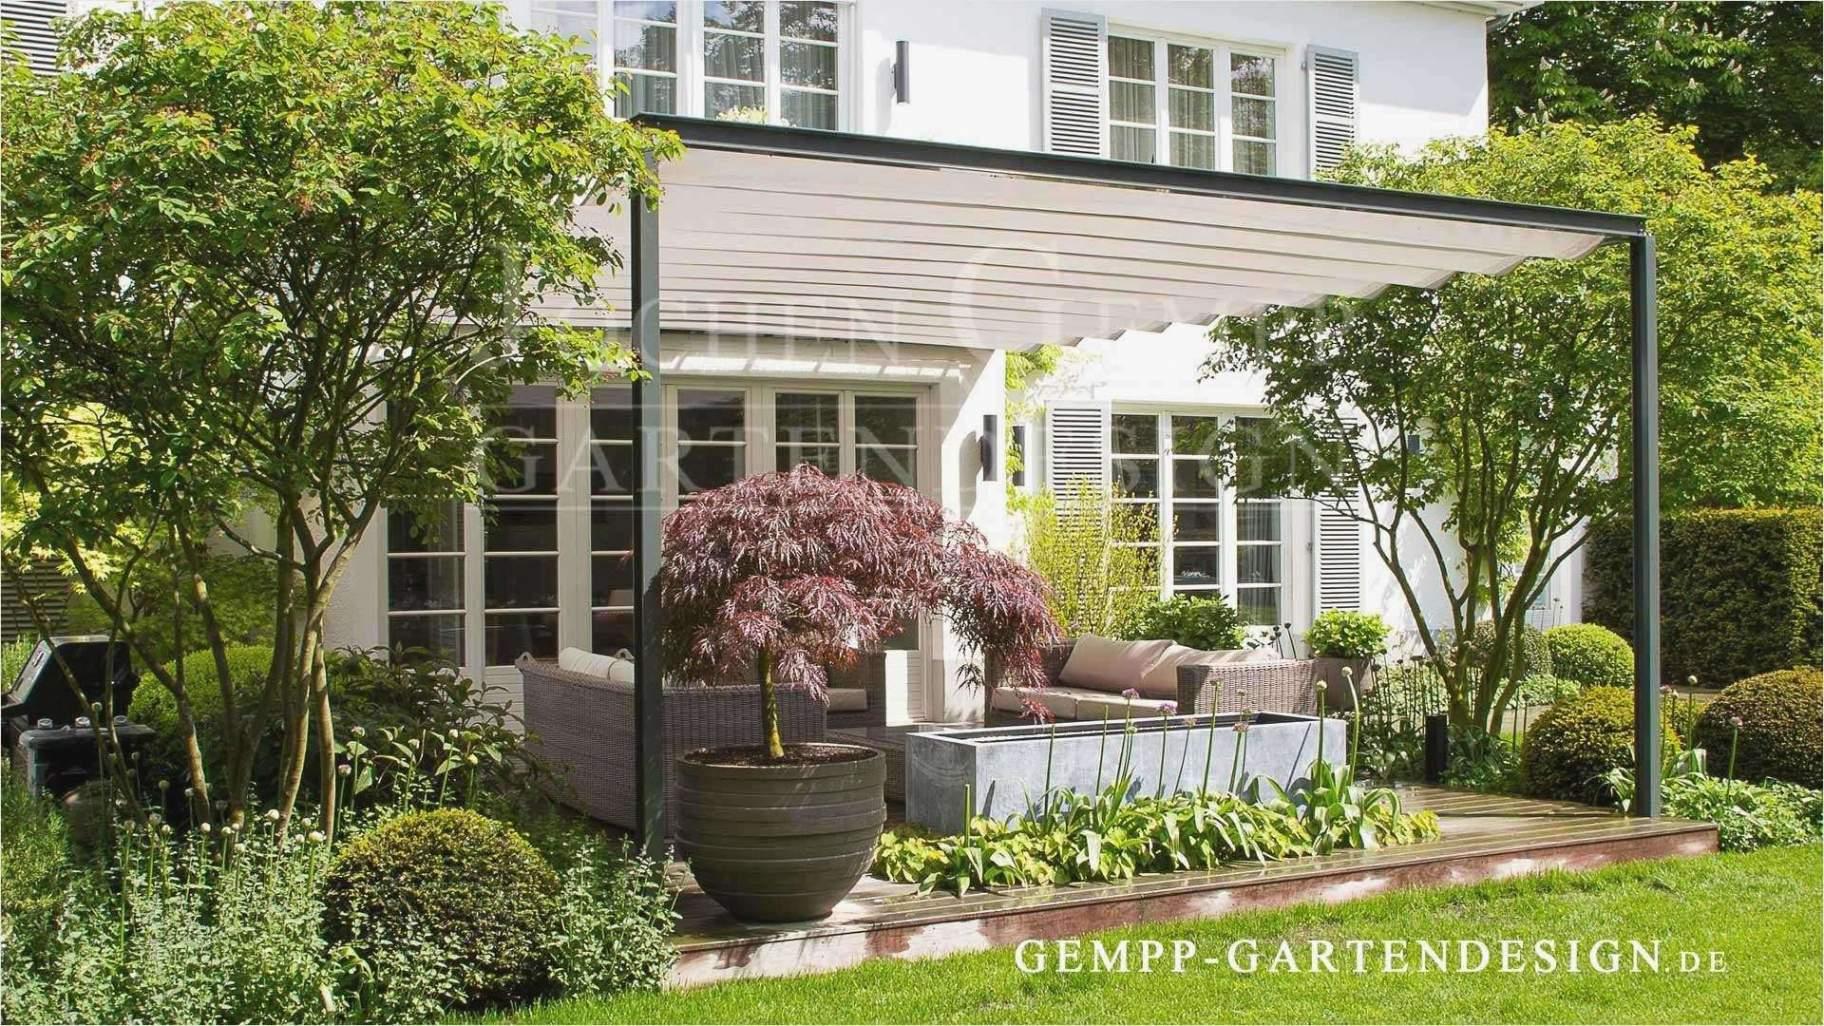 Pavillon Für Garten Genial Ideen Für Grillplatz Im Garten — Temobardz Home Blog